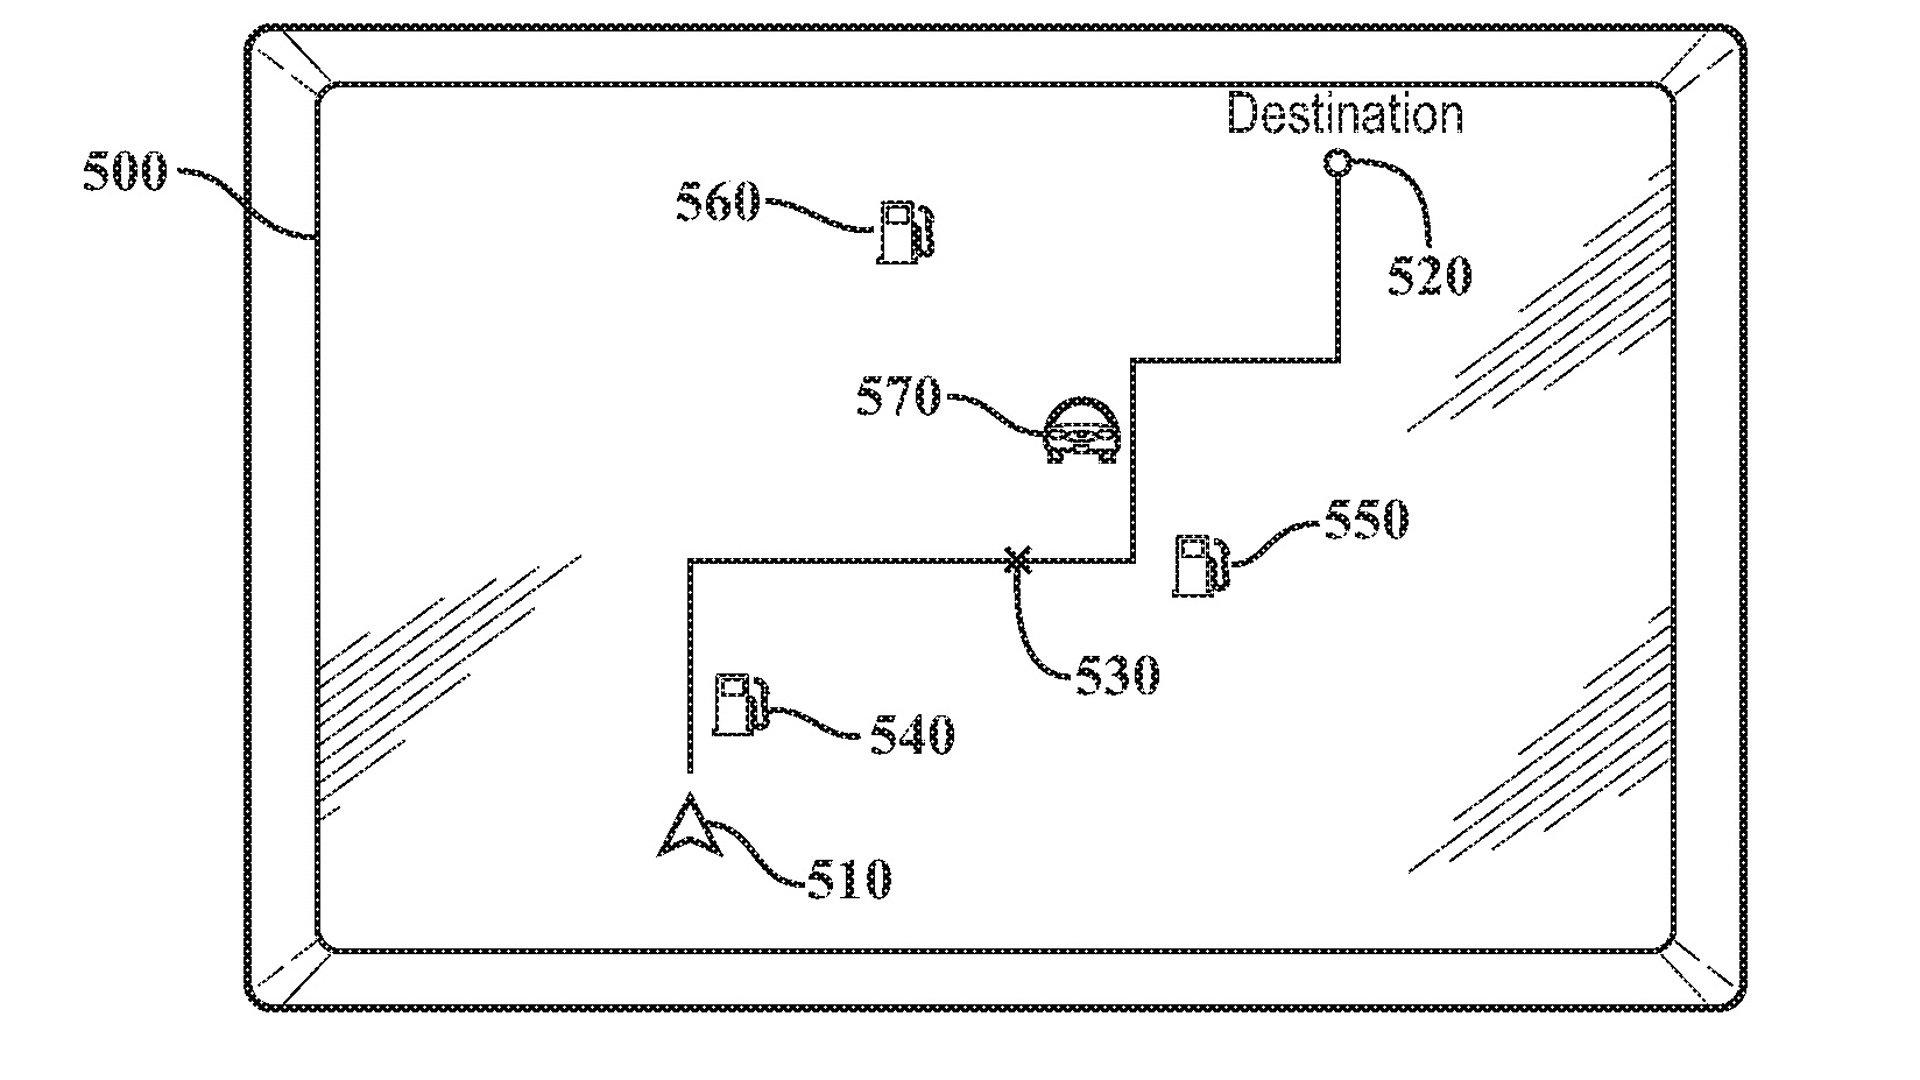 Toyota-autonomous-refueling-drone-patent-05